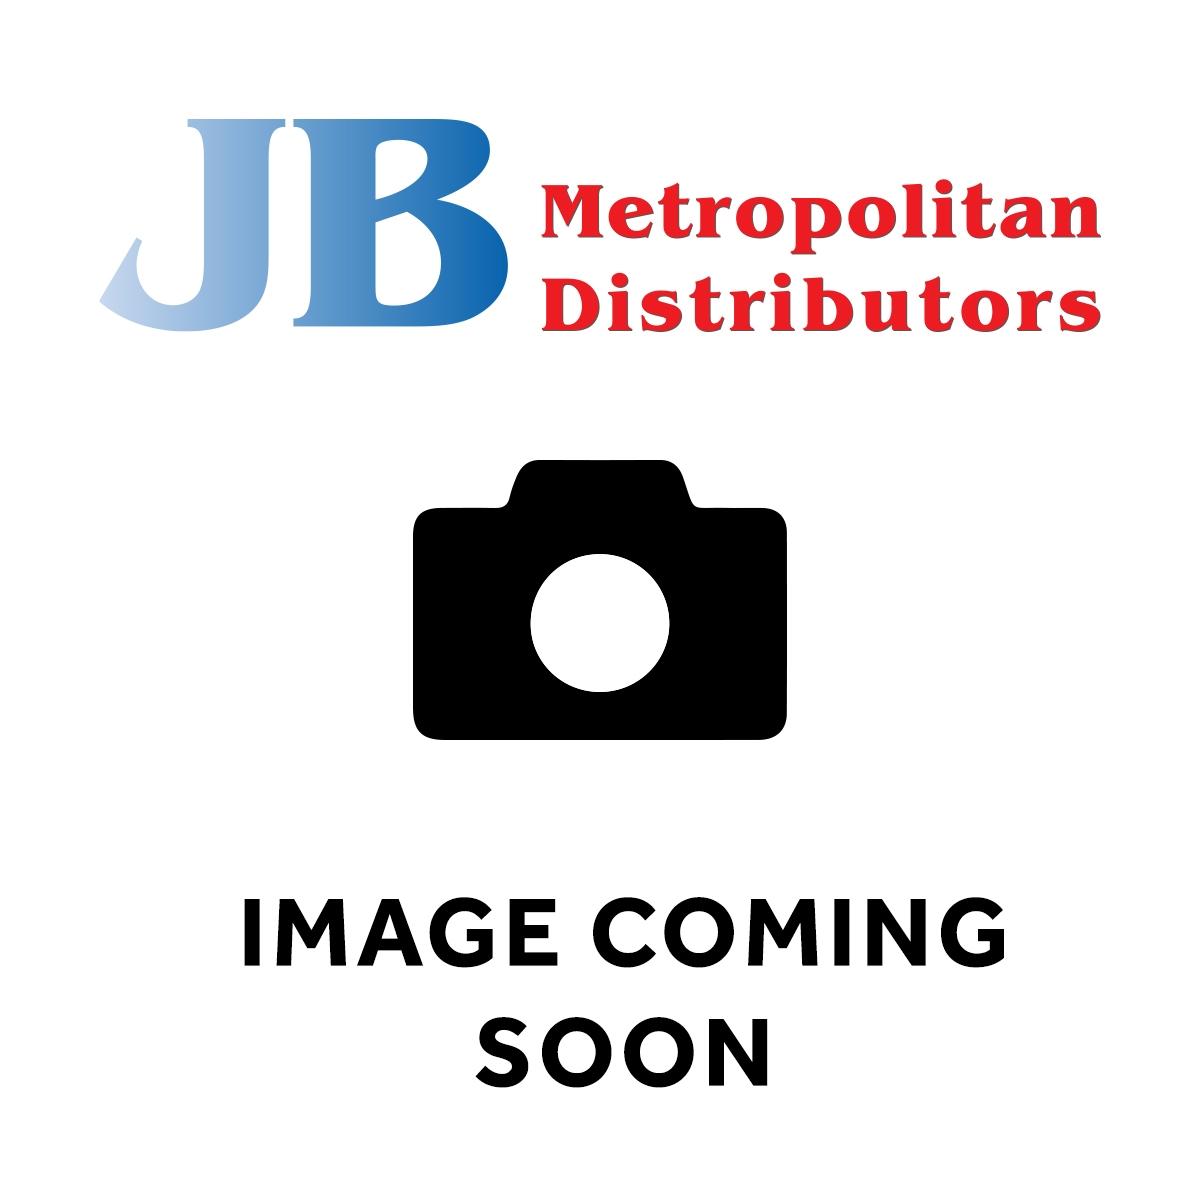 KRAFT CHEDDAR BLUE BLOCK 250G